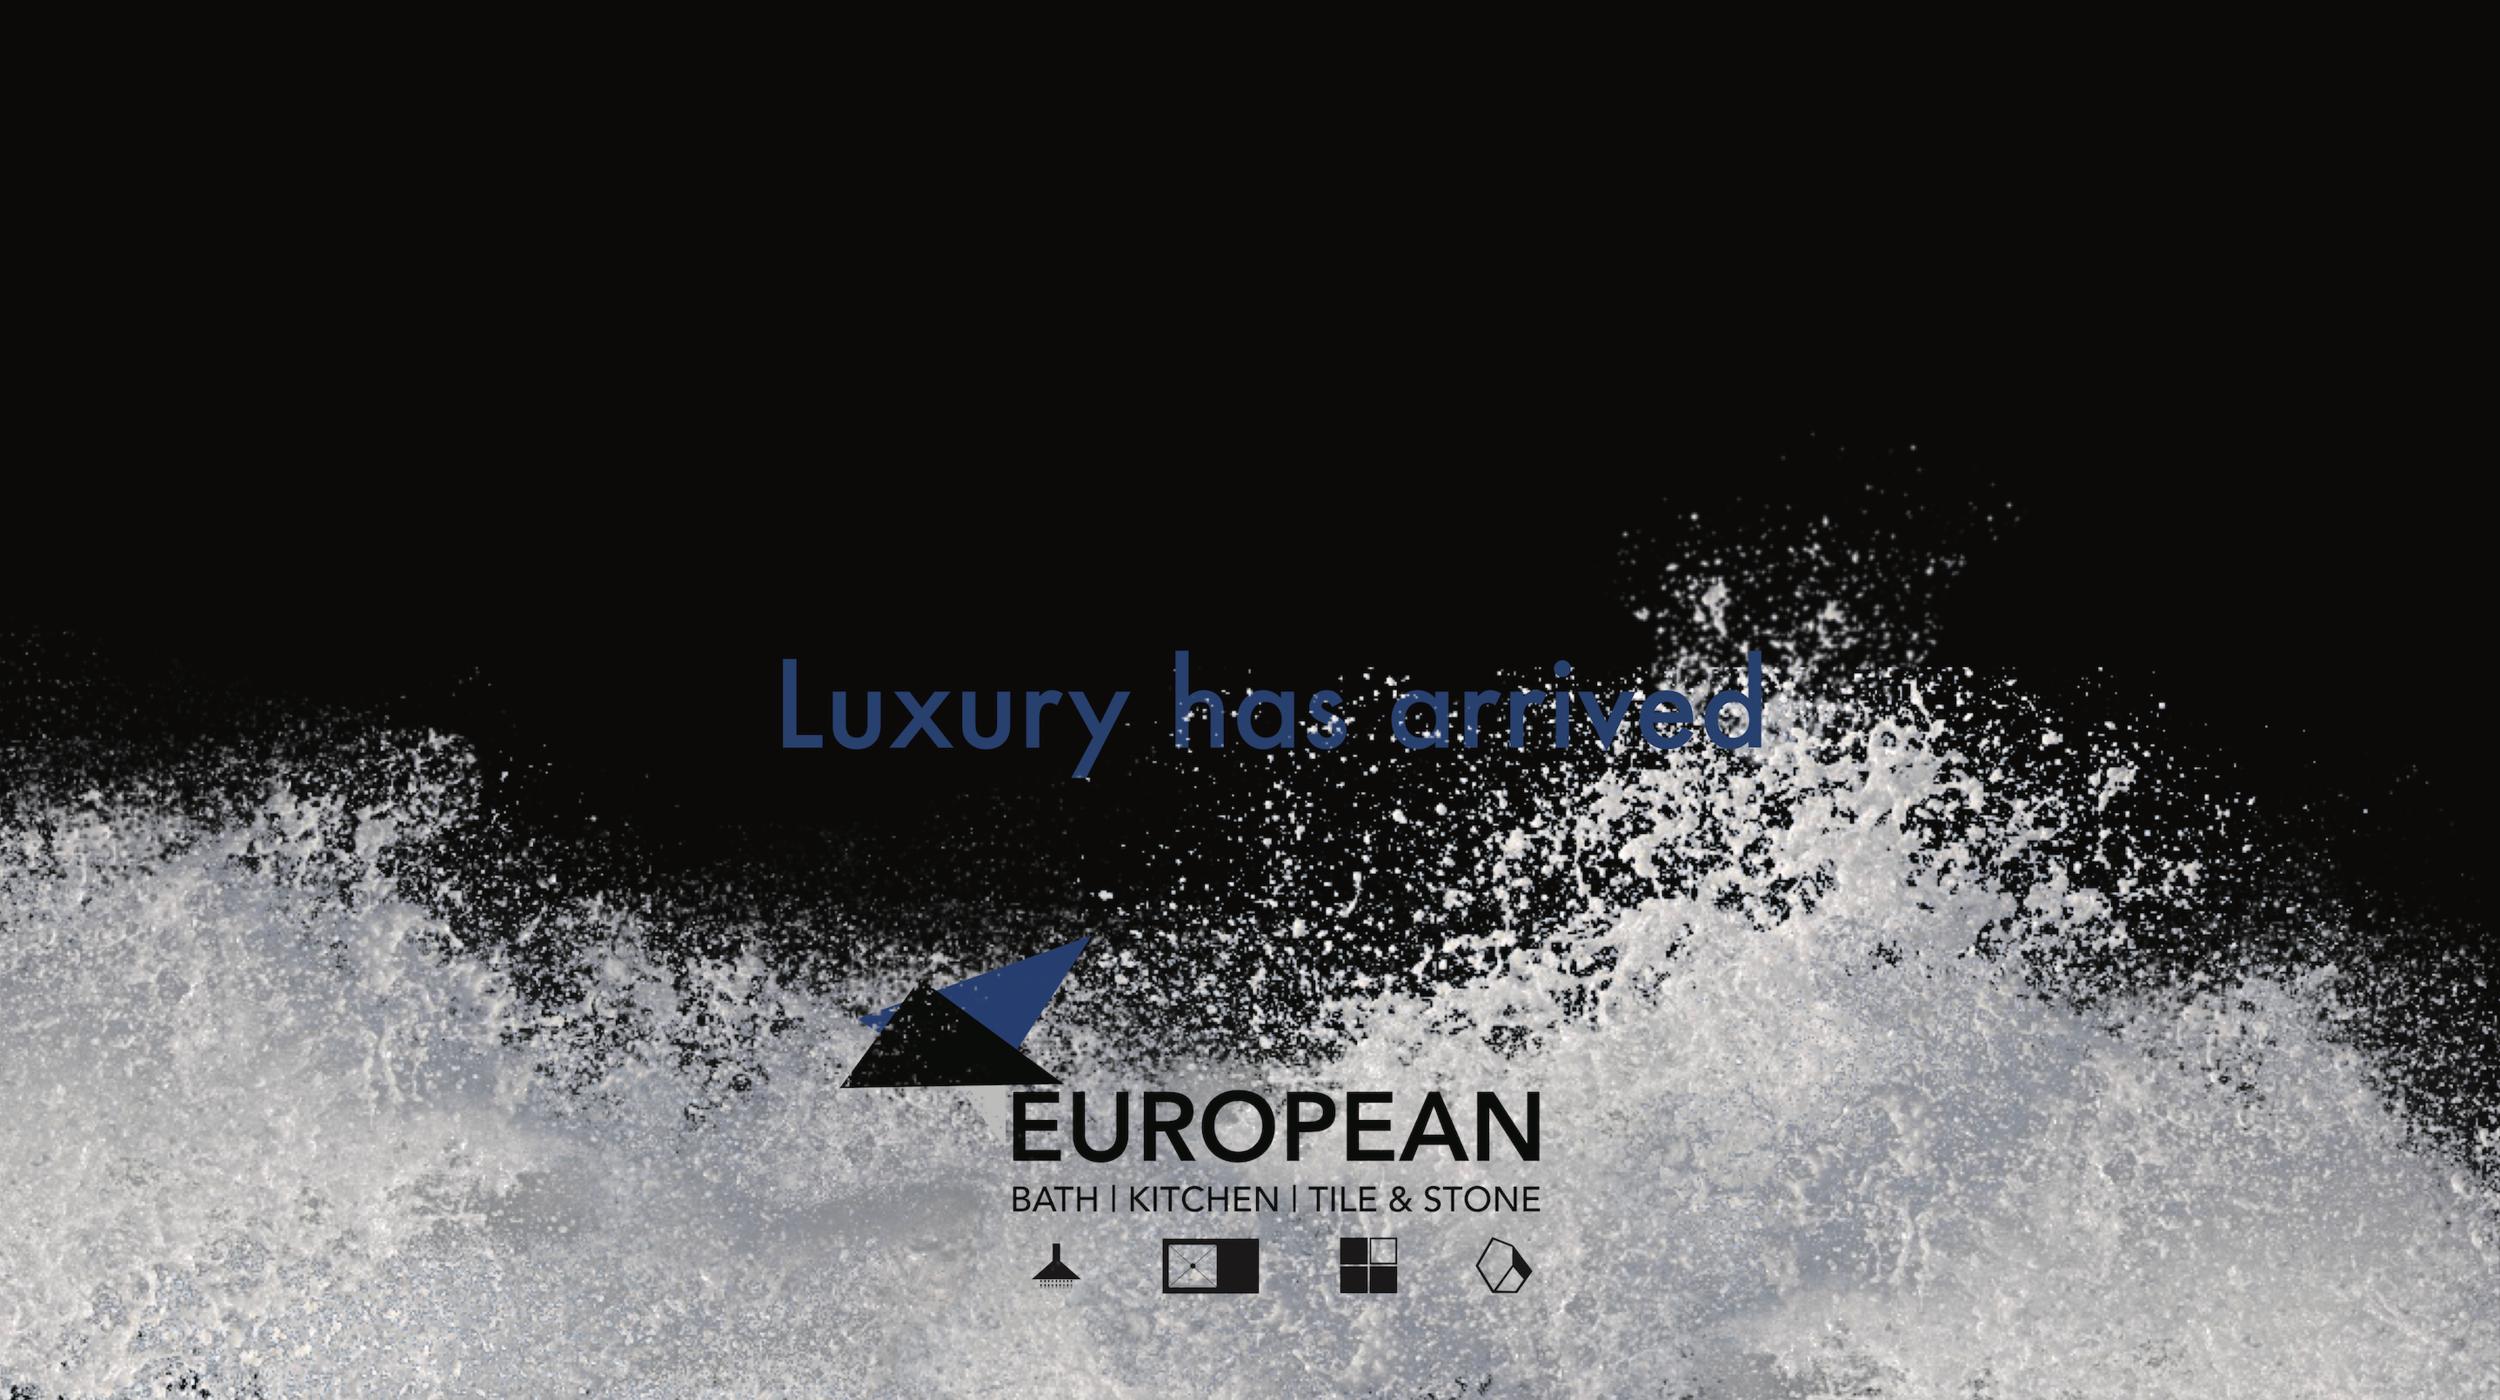 luxuryhasarrived.jpeg